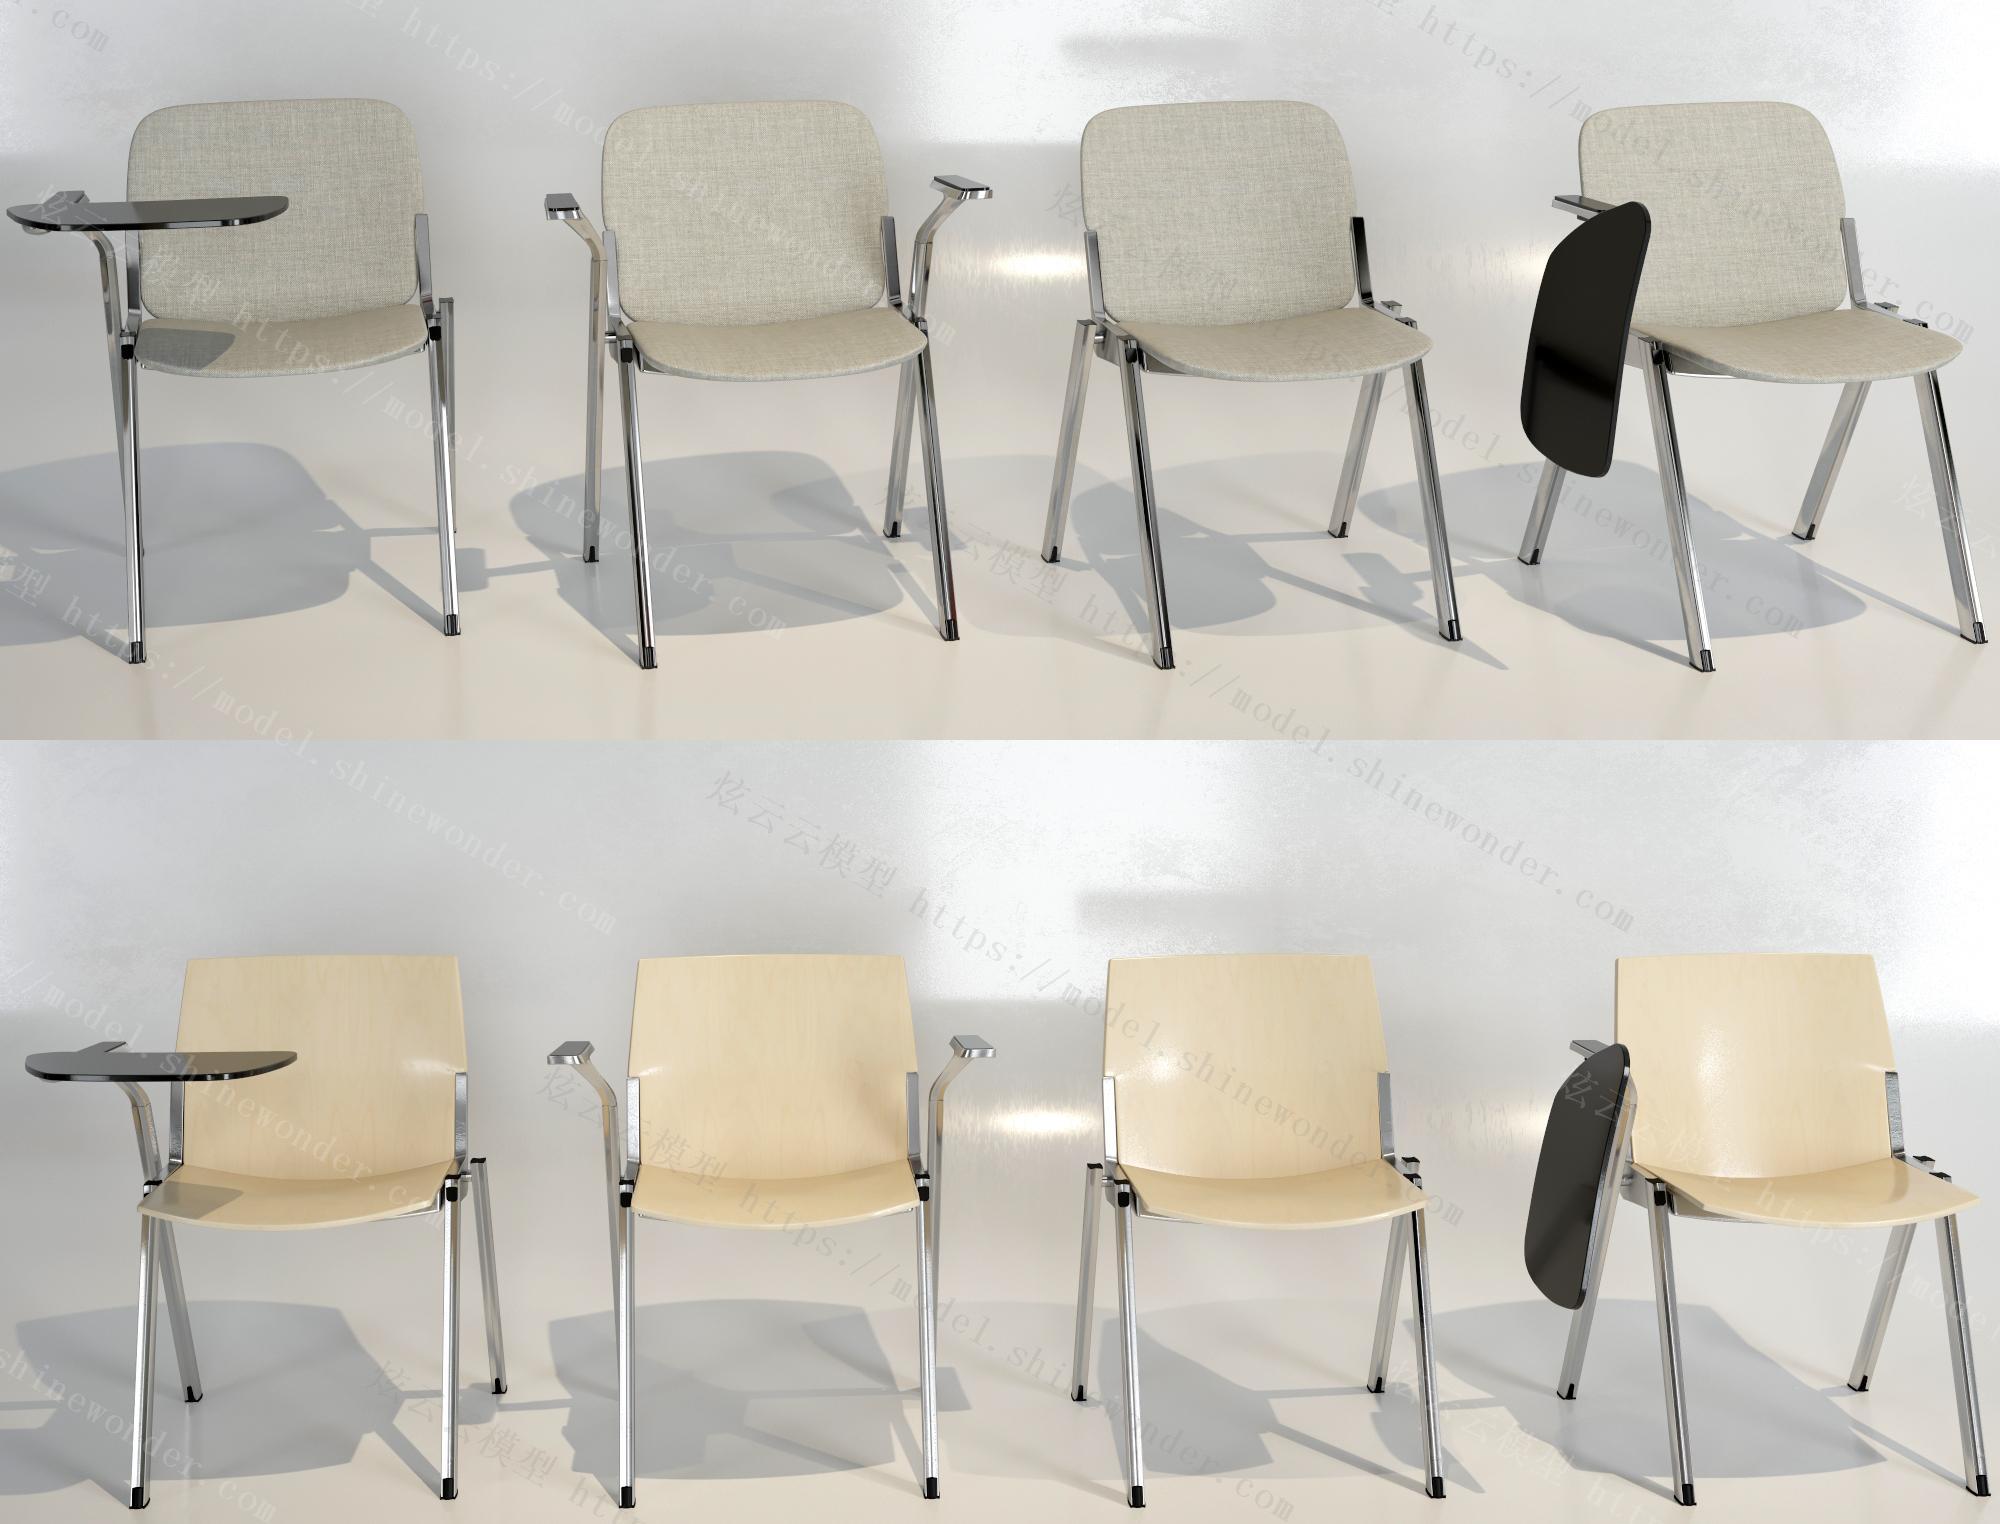 简约办公椅组合模型